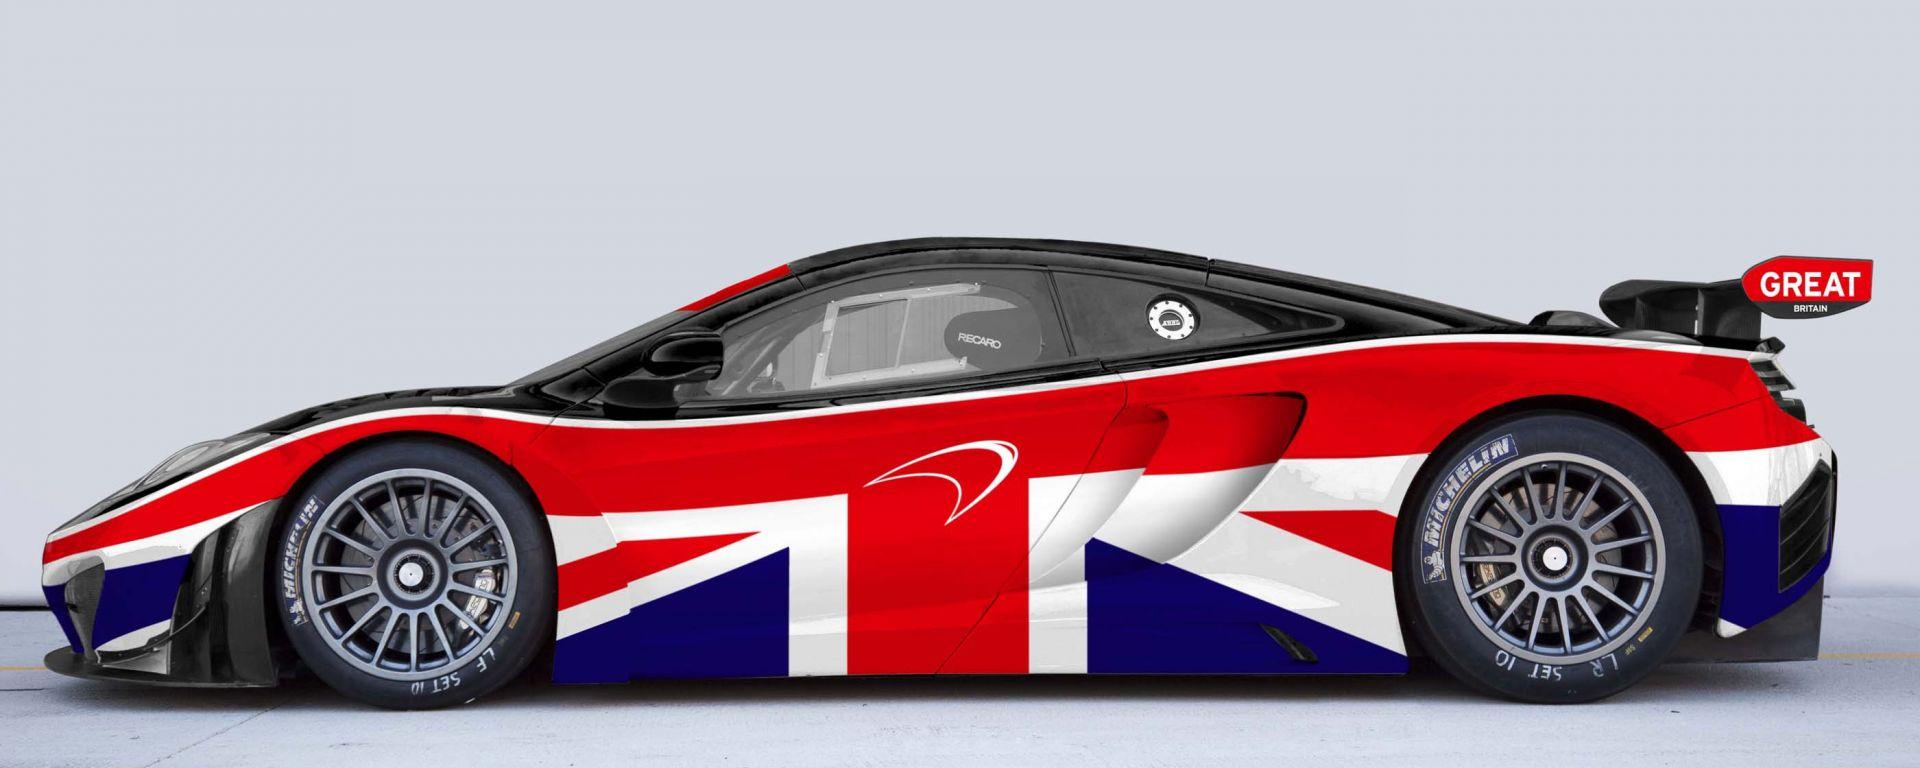 McLaren GREAT 12C GT3